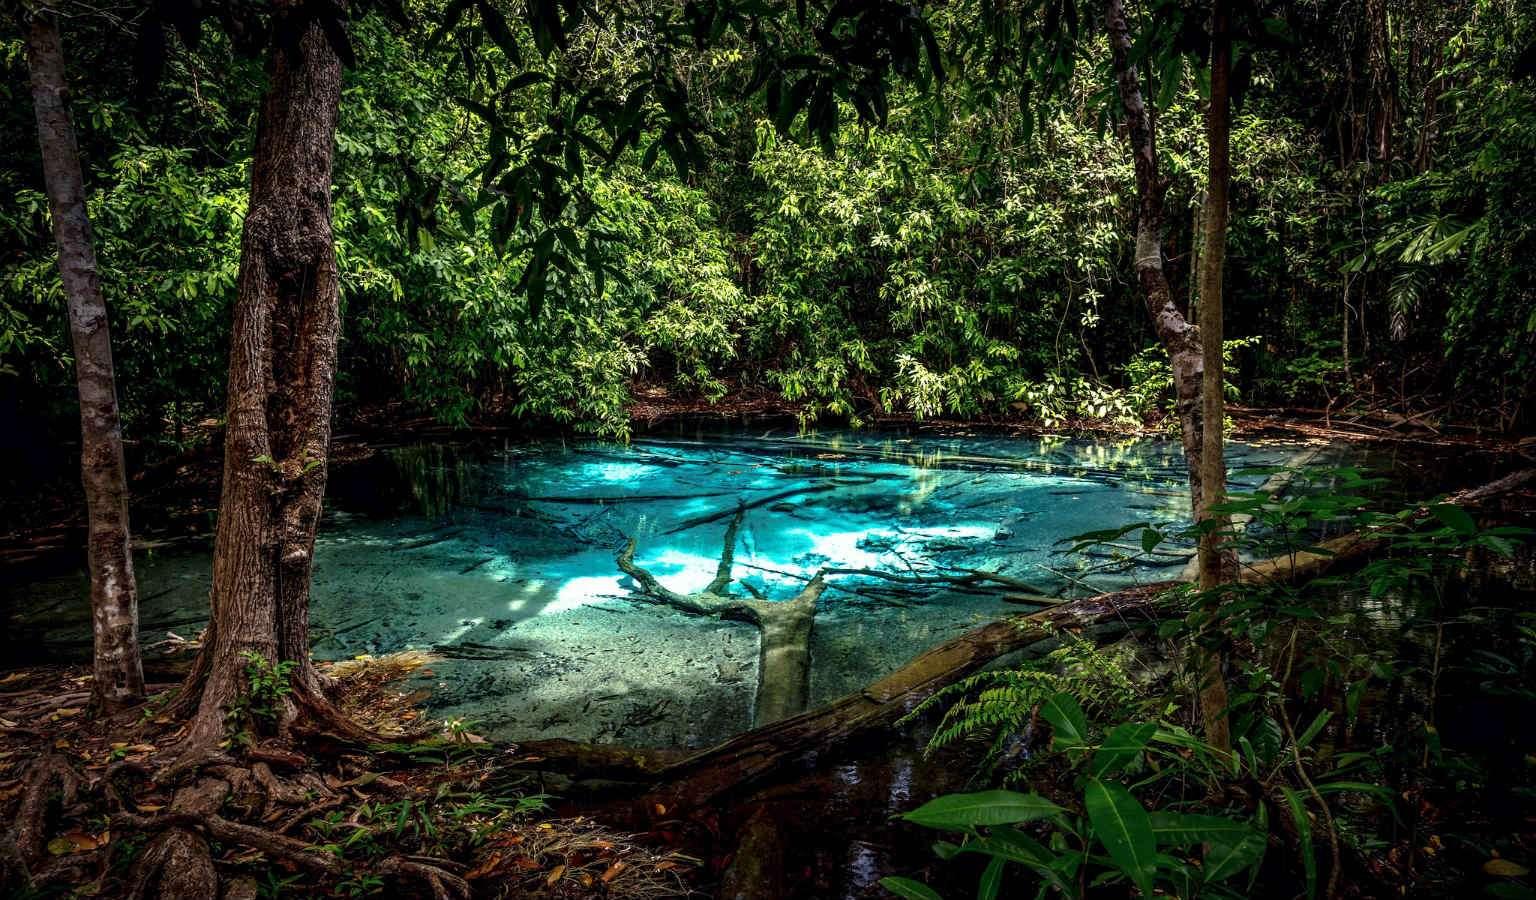 Blue Pool, helder blauw water midden in de jungle, Krabi